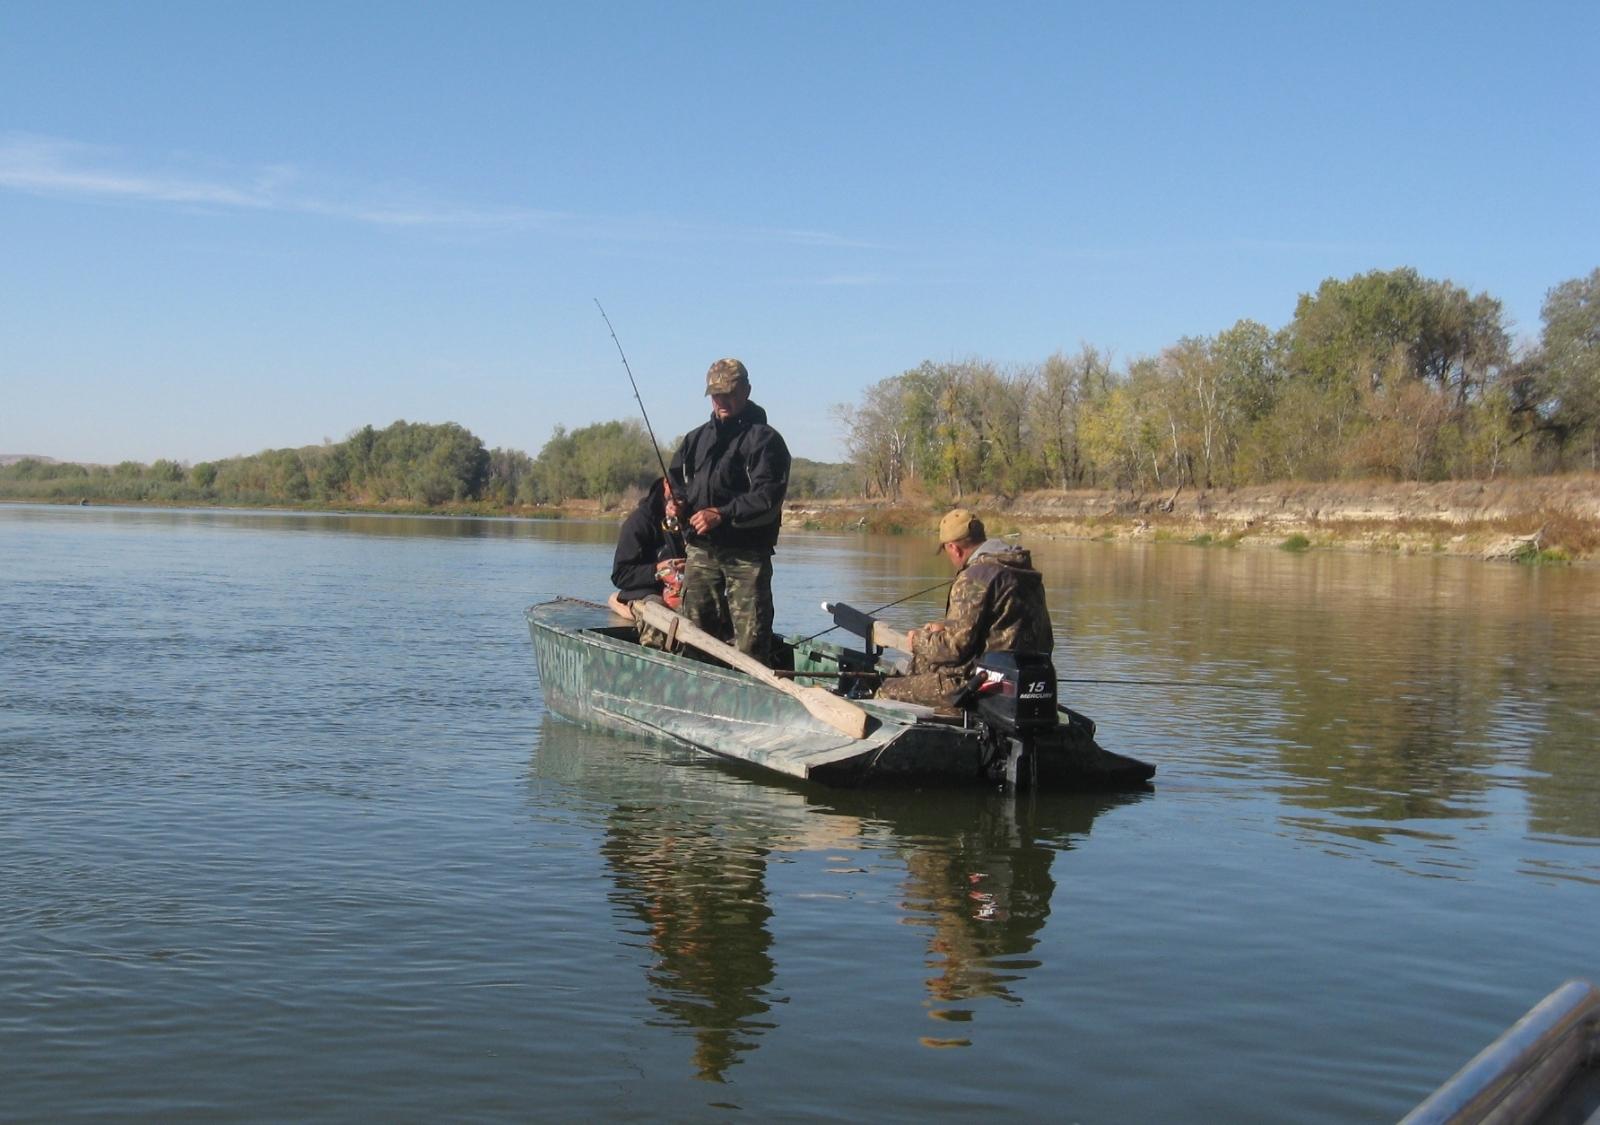 ГИМС напоминает: с наступлением осеннего времени года не стоит забывать о правилах безопасного поведения на воде